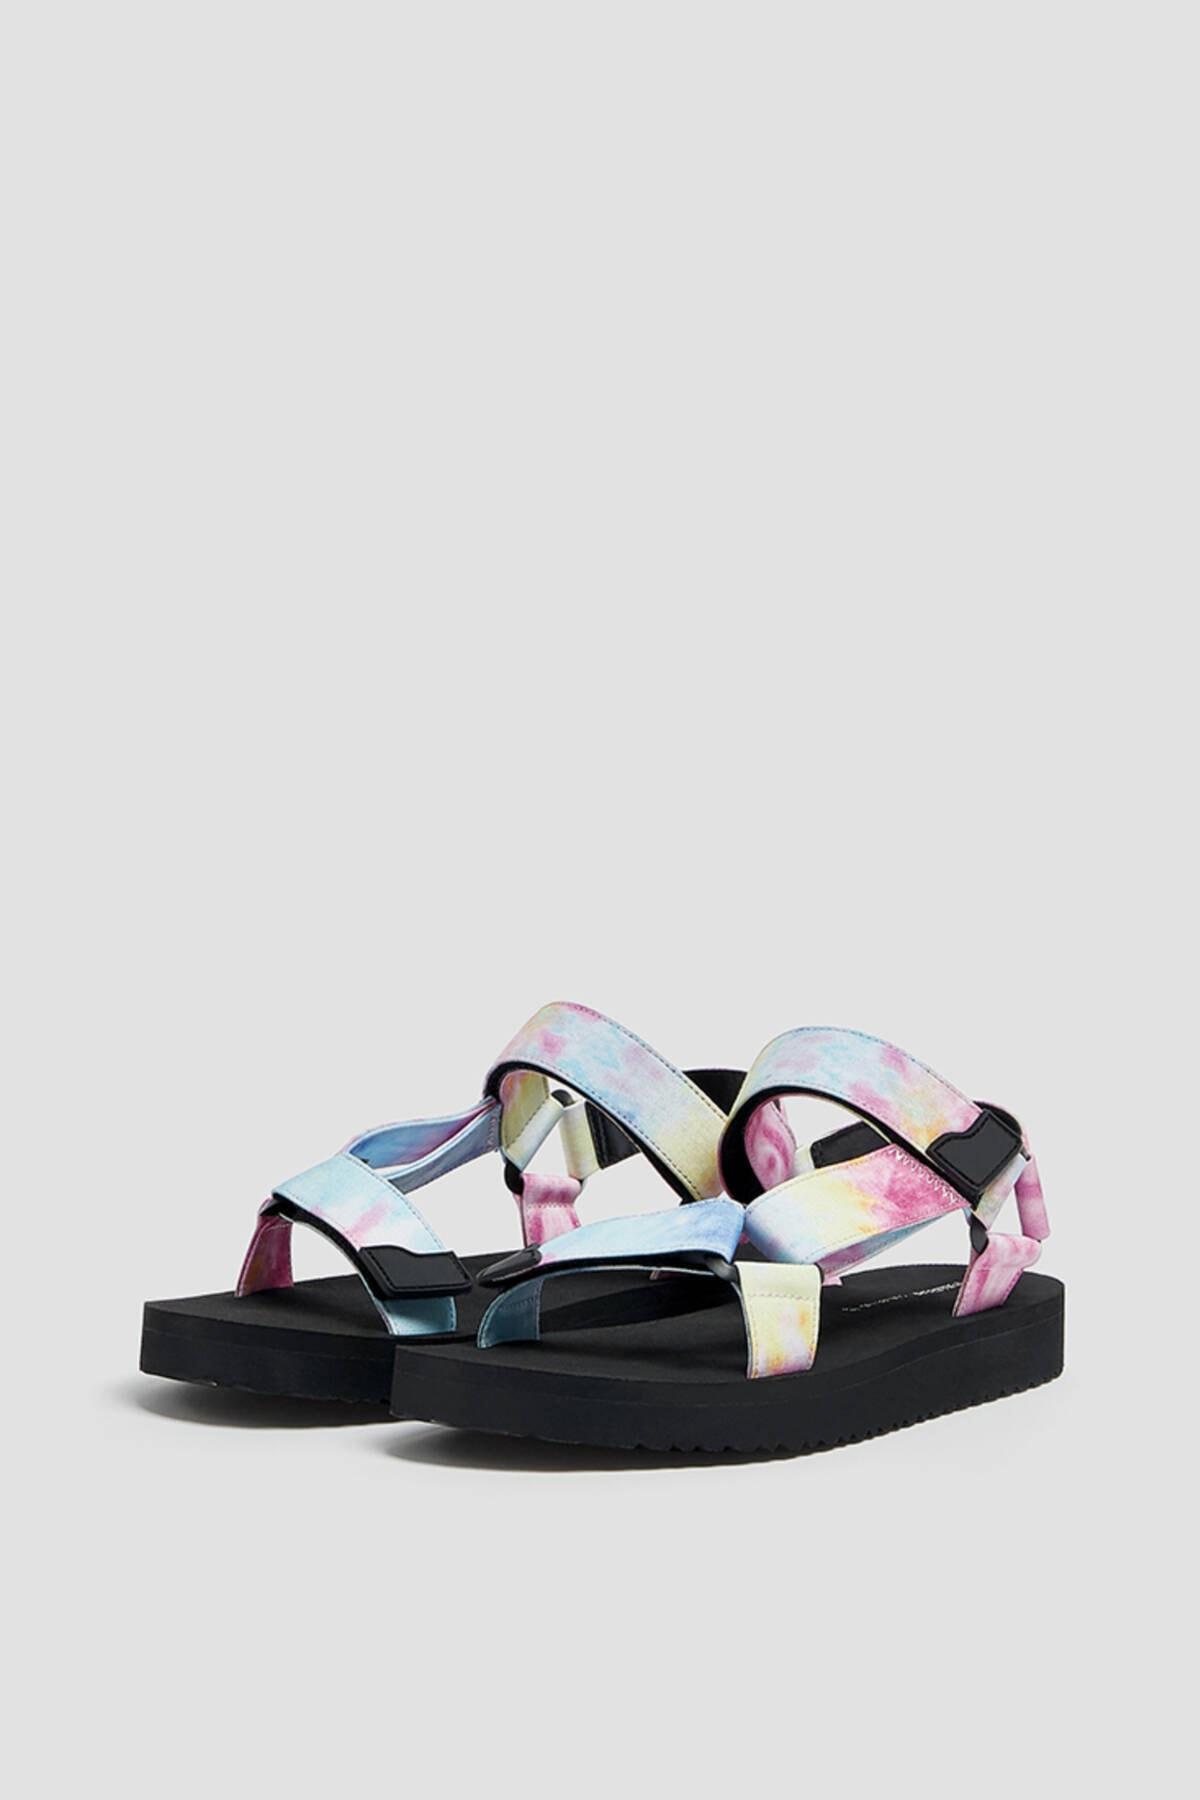 Pull & Bear Kadın Renkli Düz Bantlı Ve Tokalı Batik Desenli Sandalet 11704740